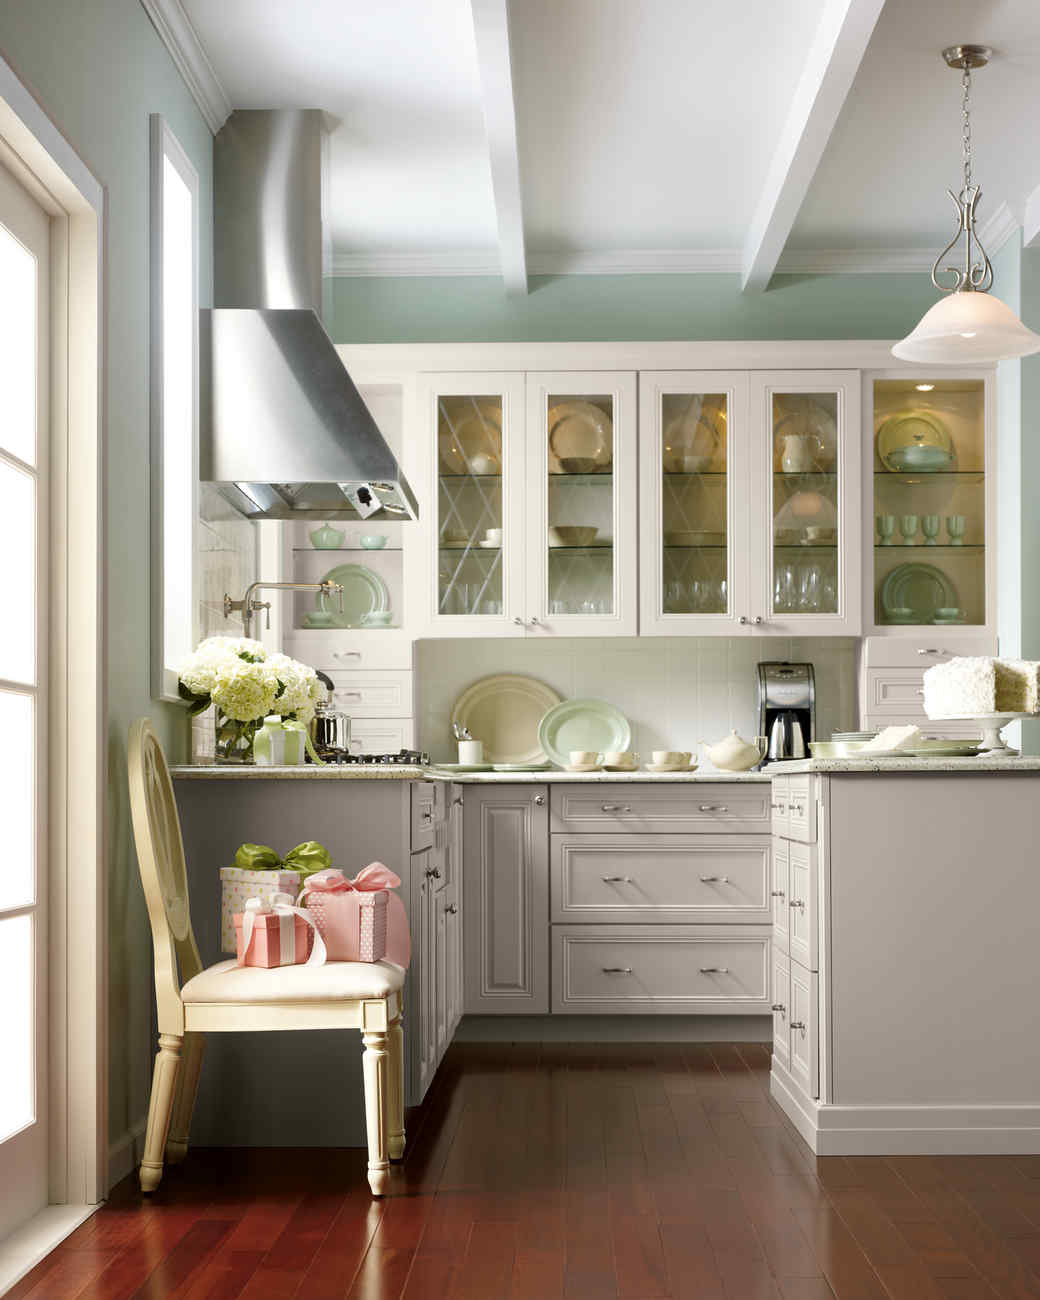 Martha Stewart Living Kitchen Designs From The Home Depot Martha Stewart